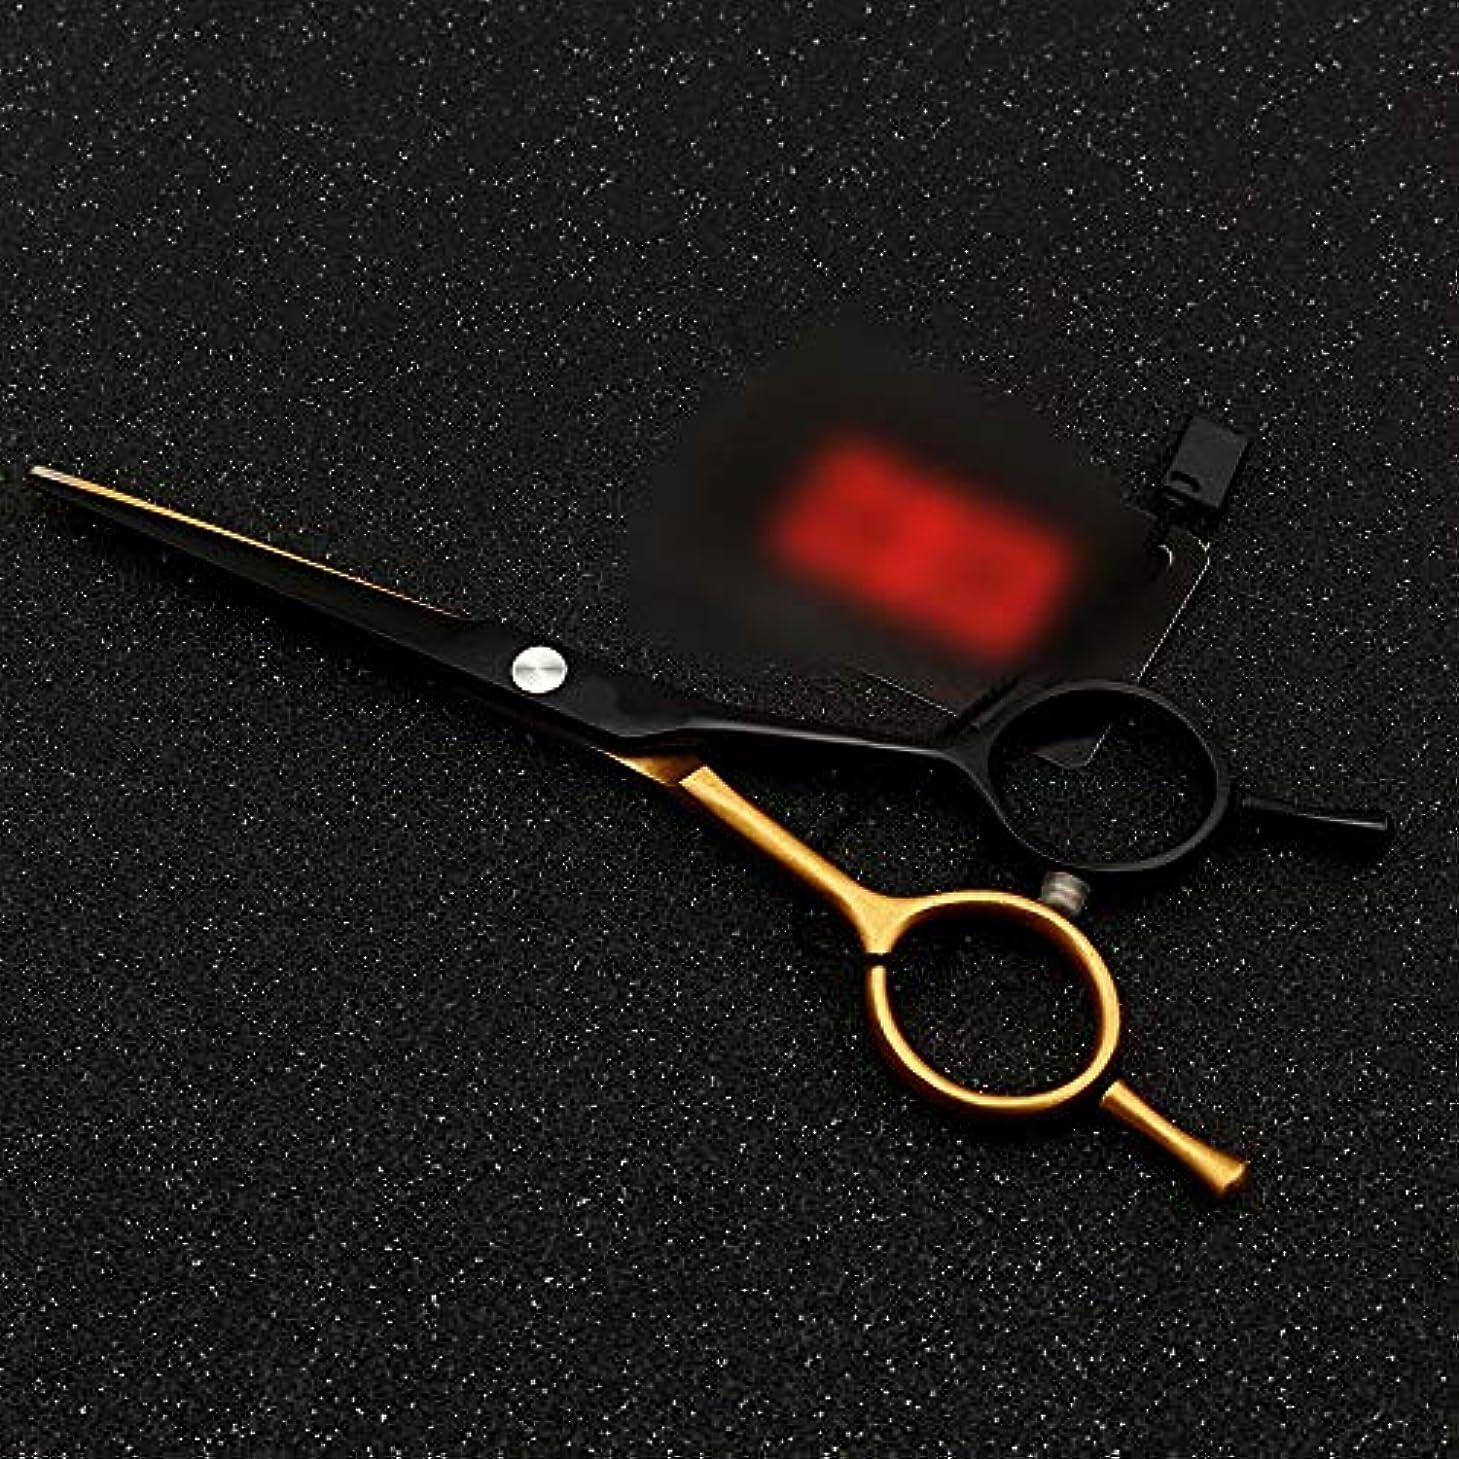 サンダーコンプリート操作5.5インチのパーソナライズされた散髪はさみ、平らなせん断+歯シザーAワードシザーセット モデリングツール (色 : Gold black)